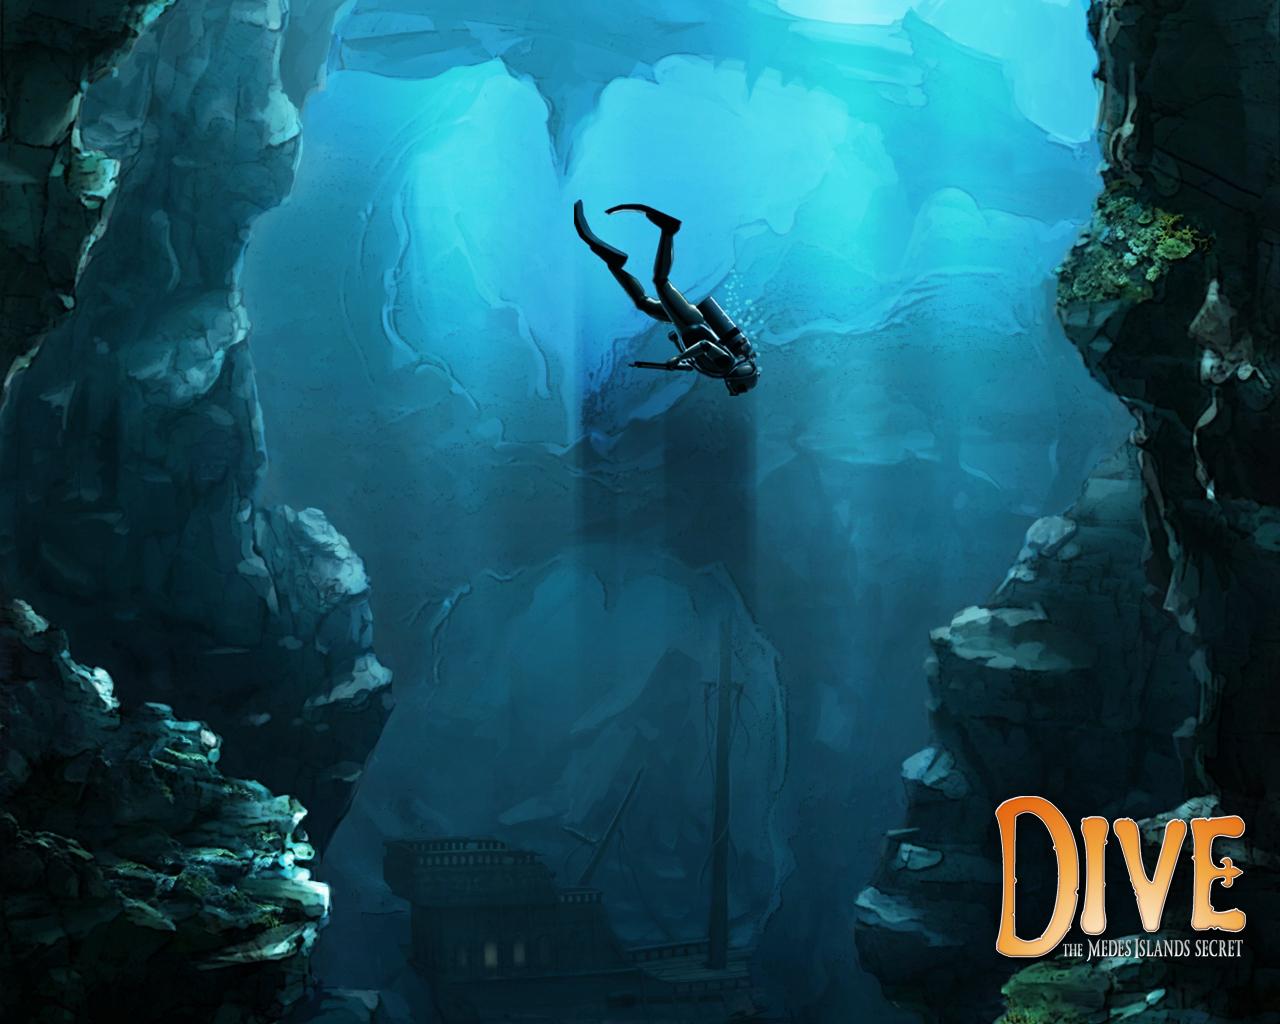 Hd scuba diving wallpaper wallpapersafari - Porno dive hd ...